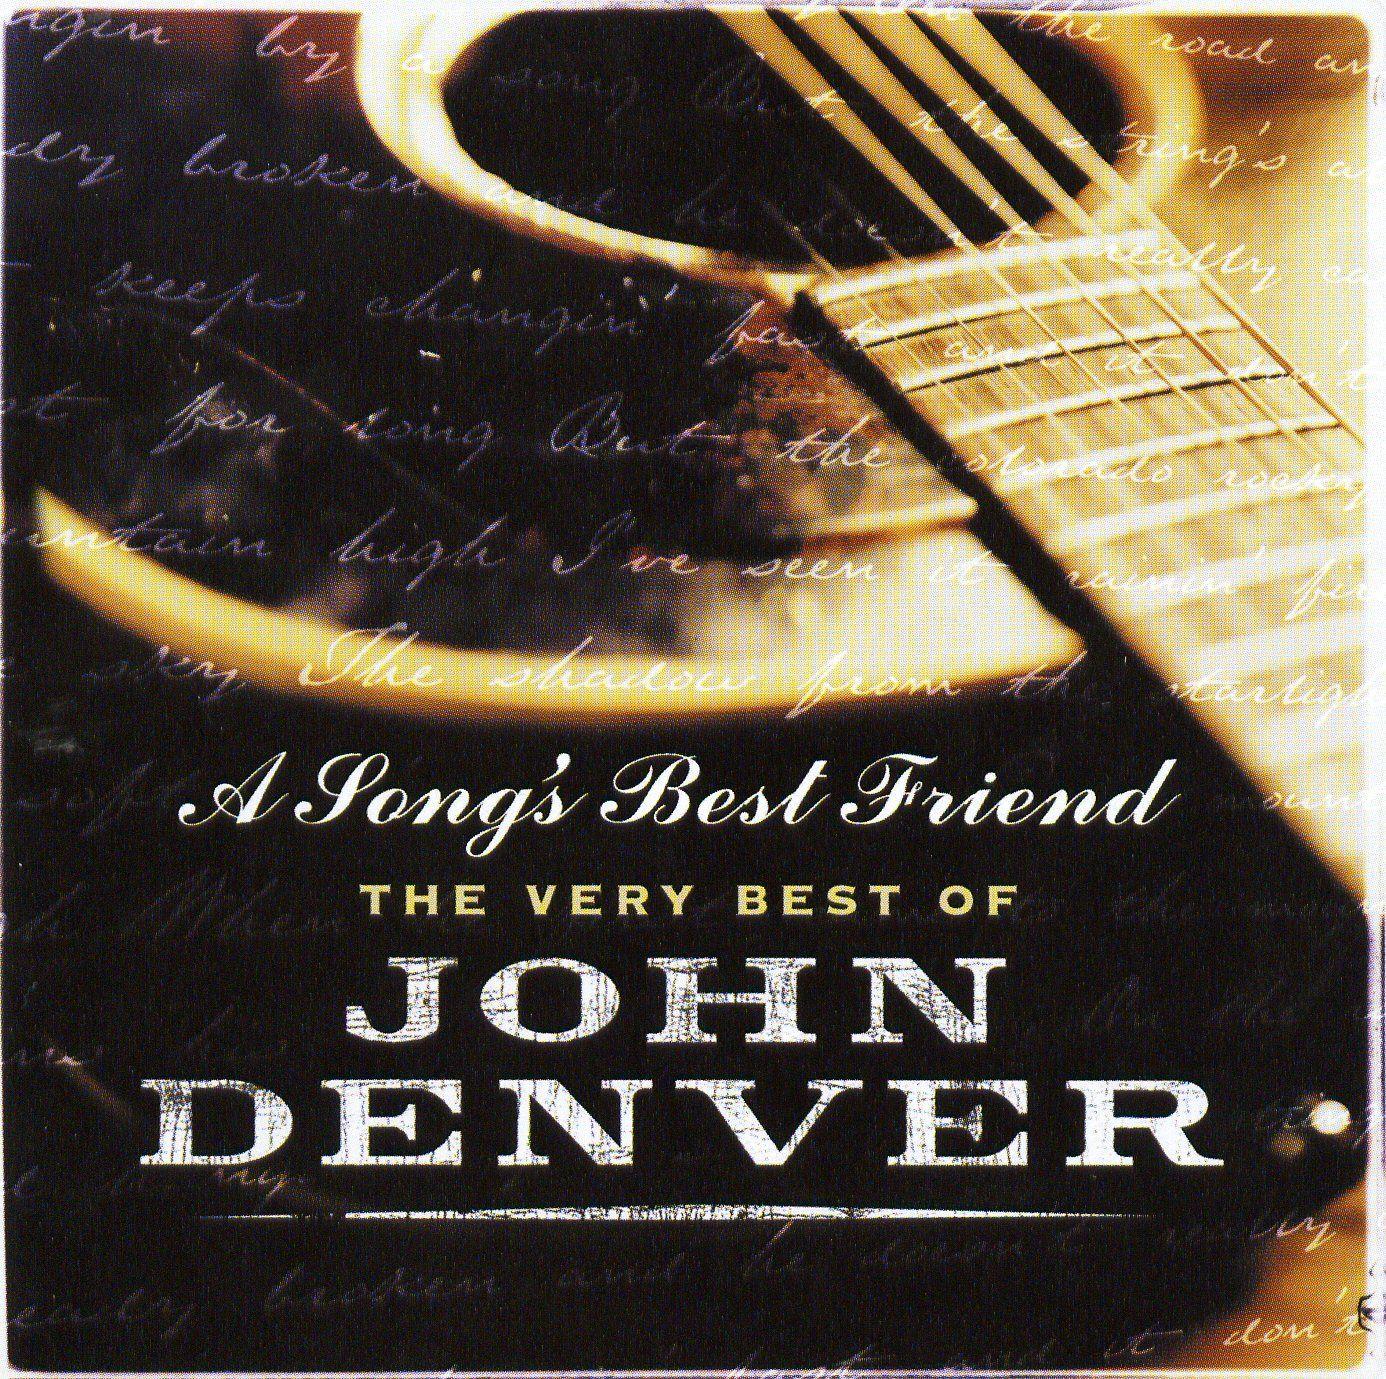 John Denver - A Song's Best Friend: The Very Best Of John Denver album cover